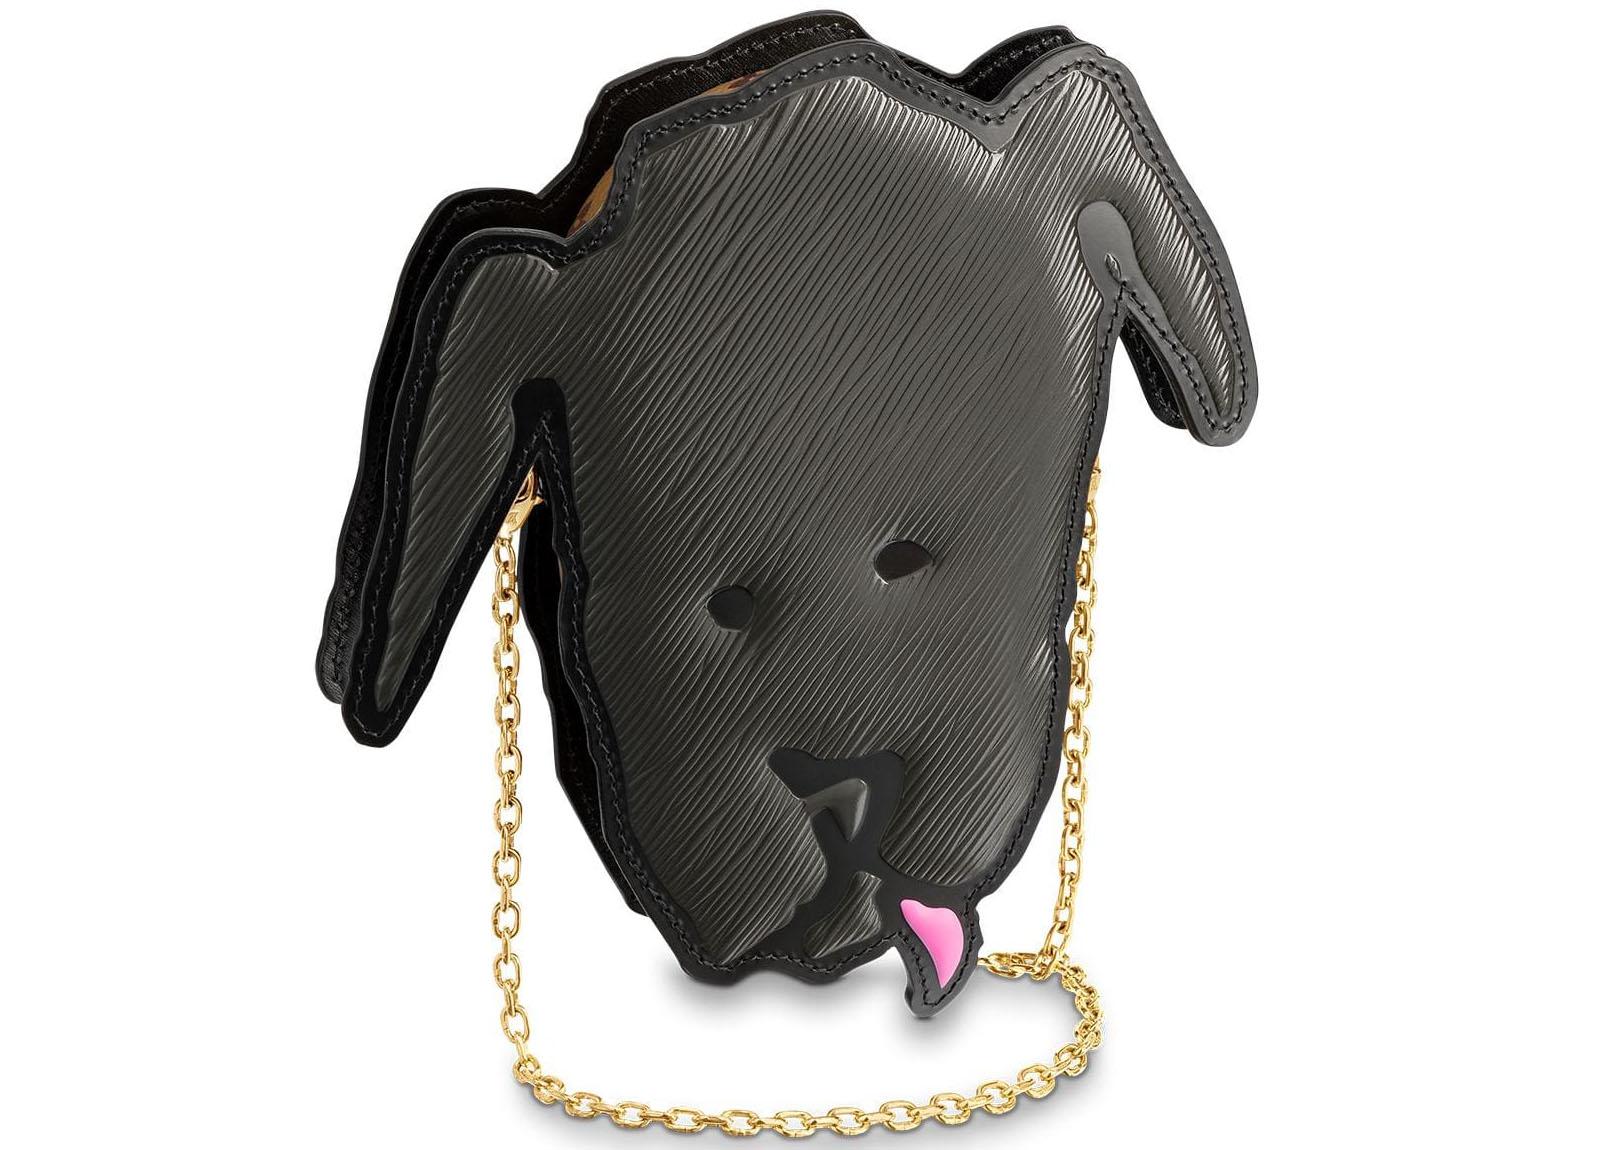 Louis Vuitton Shoulder Bag Dog Face Black